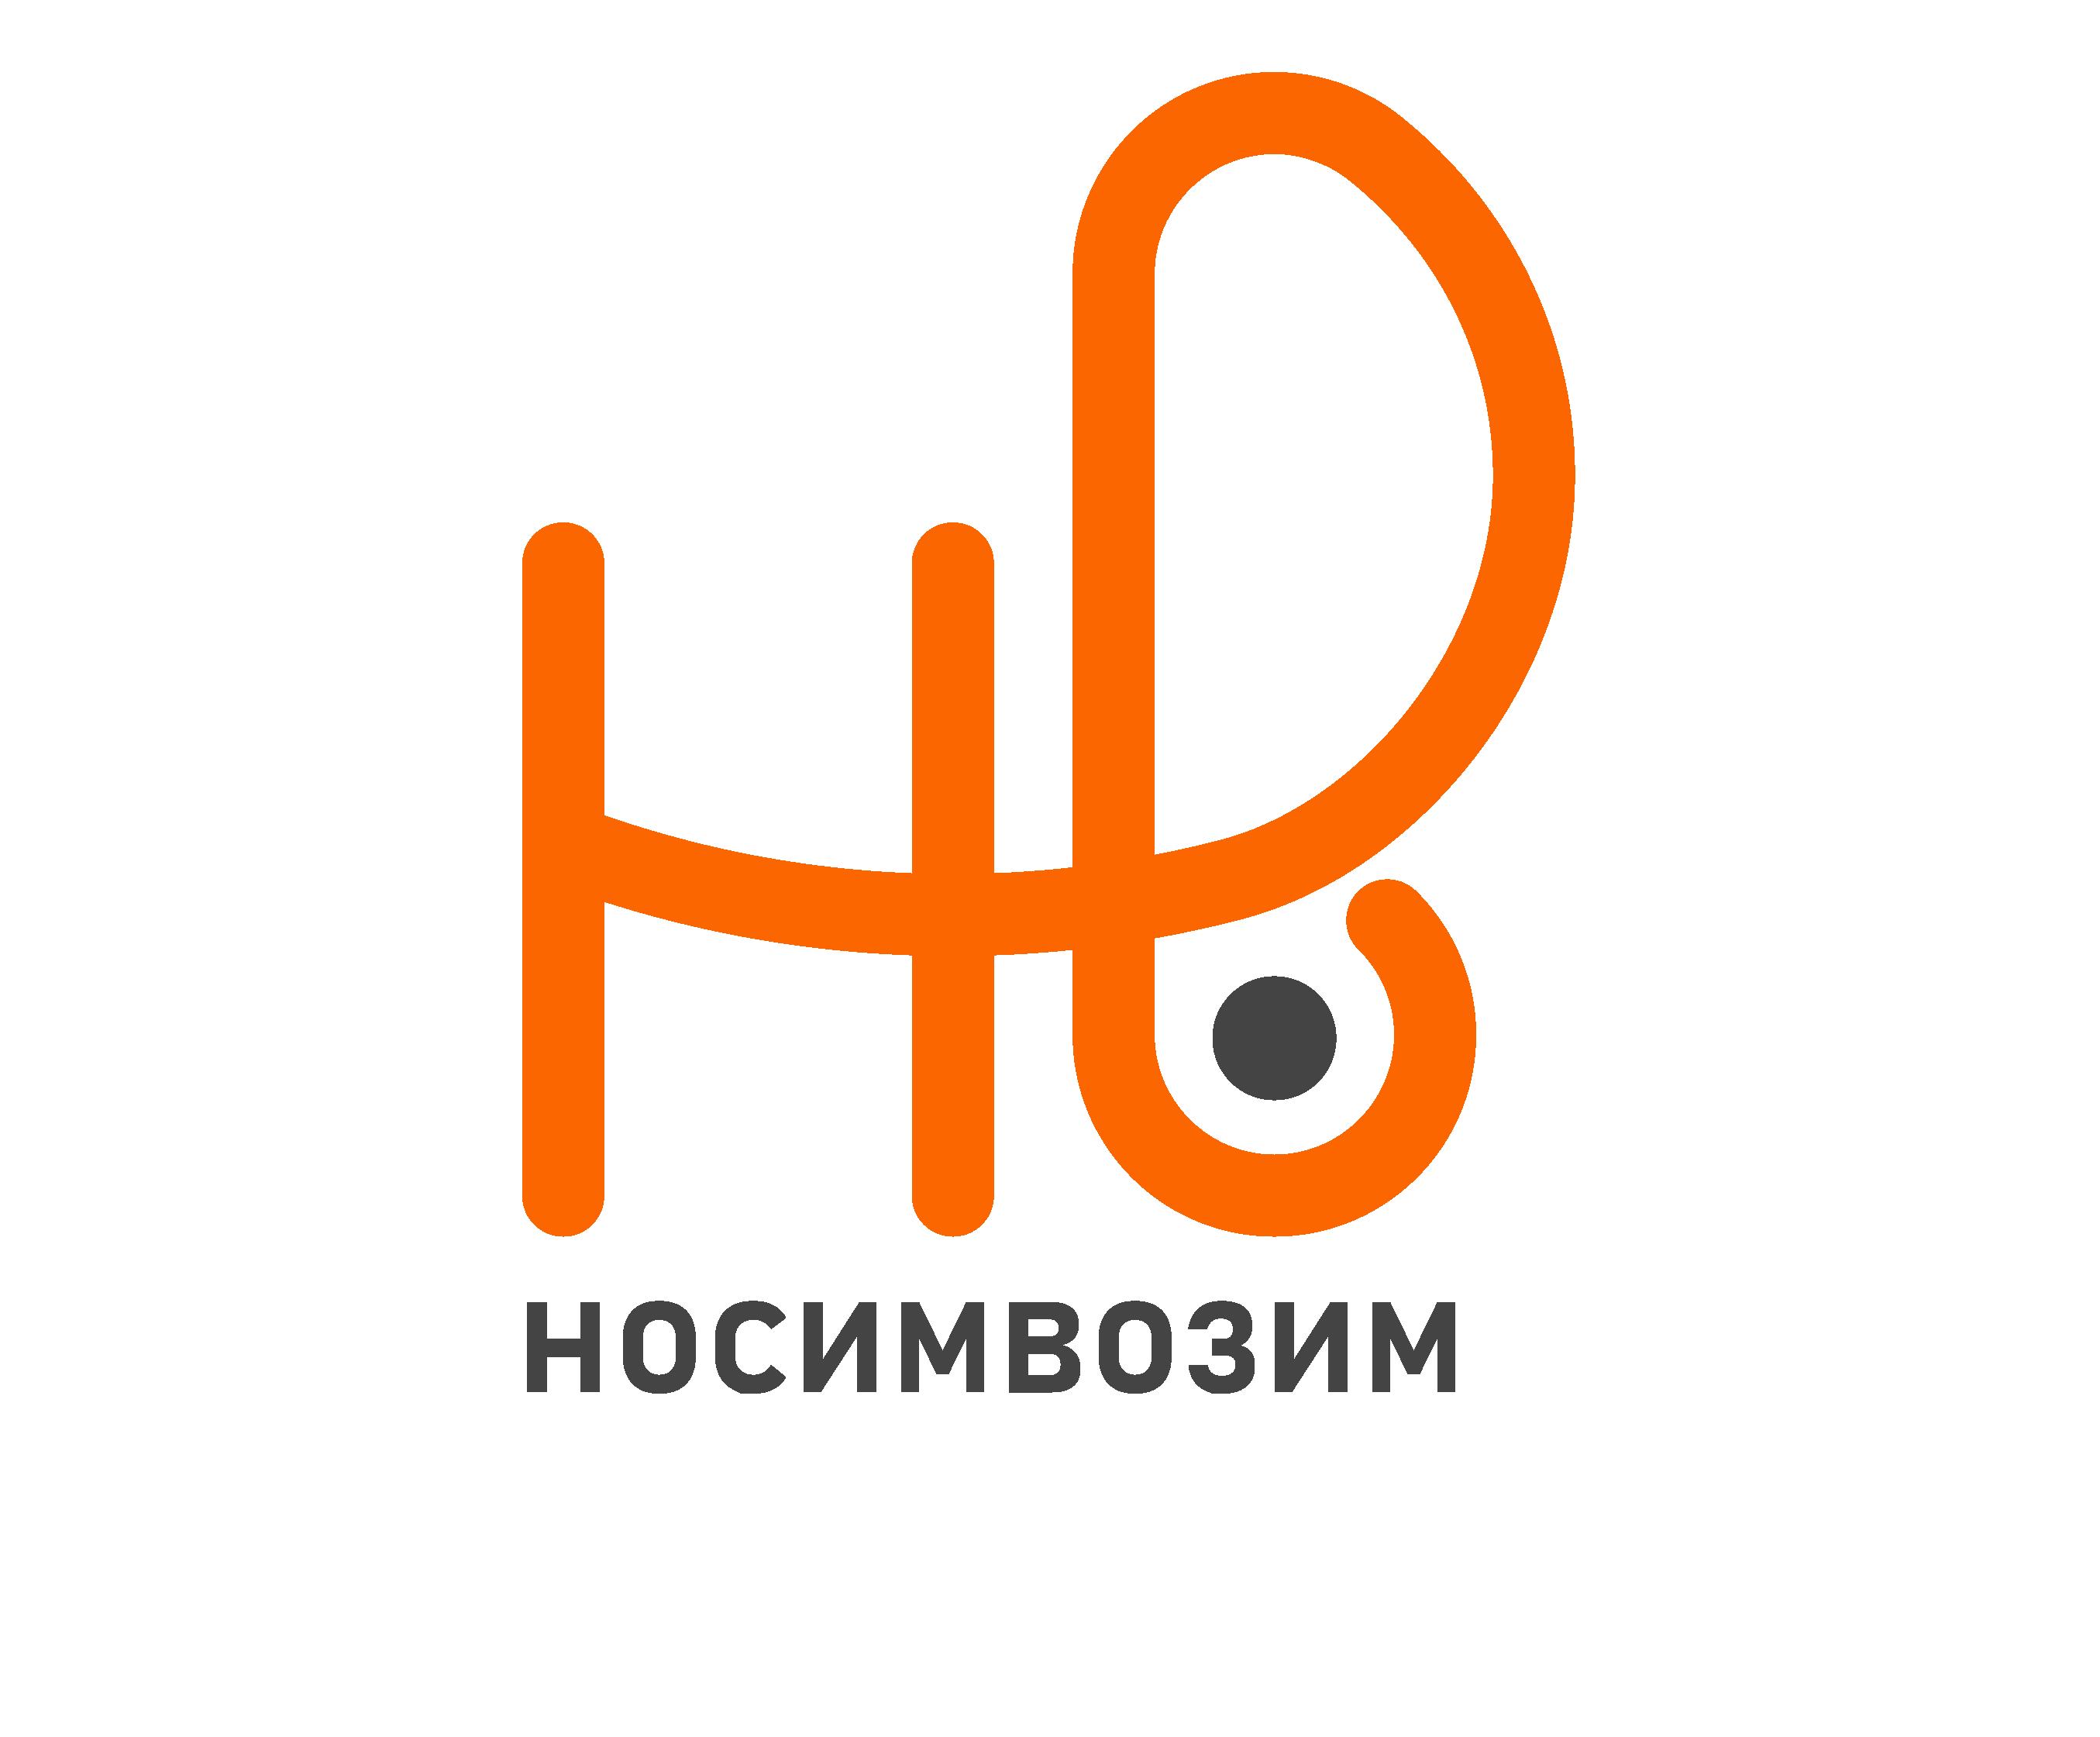 Логотип компании по перевозкам НосимВозим фото f_4965cf7e606e4273.png